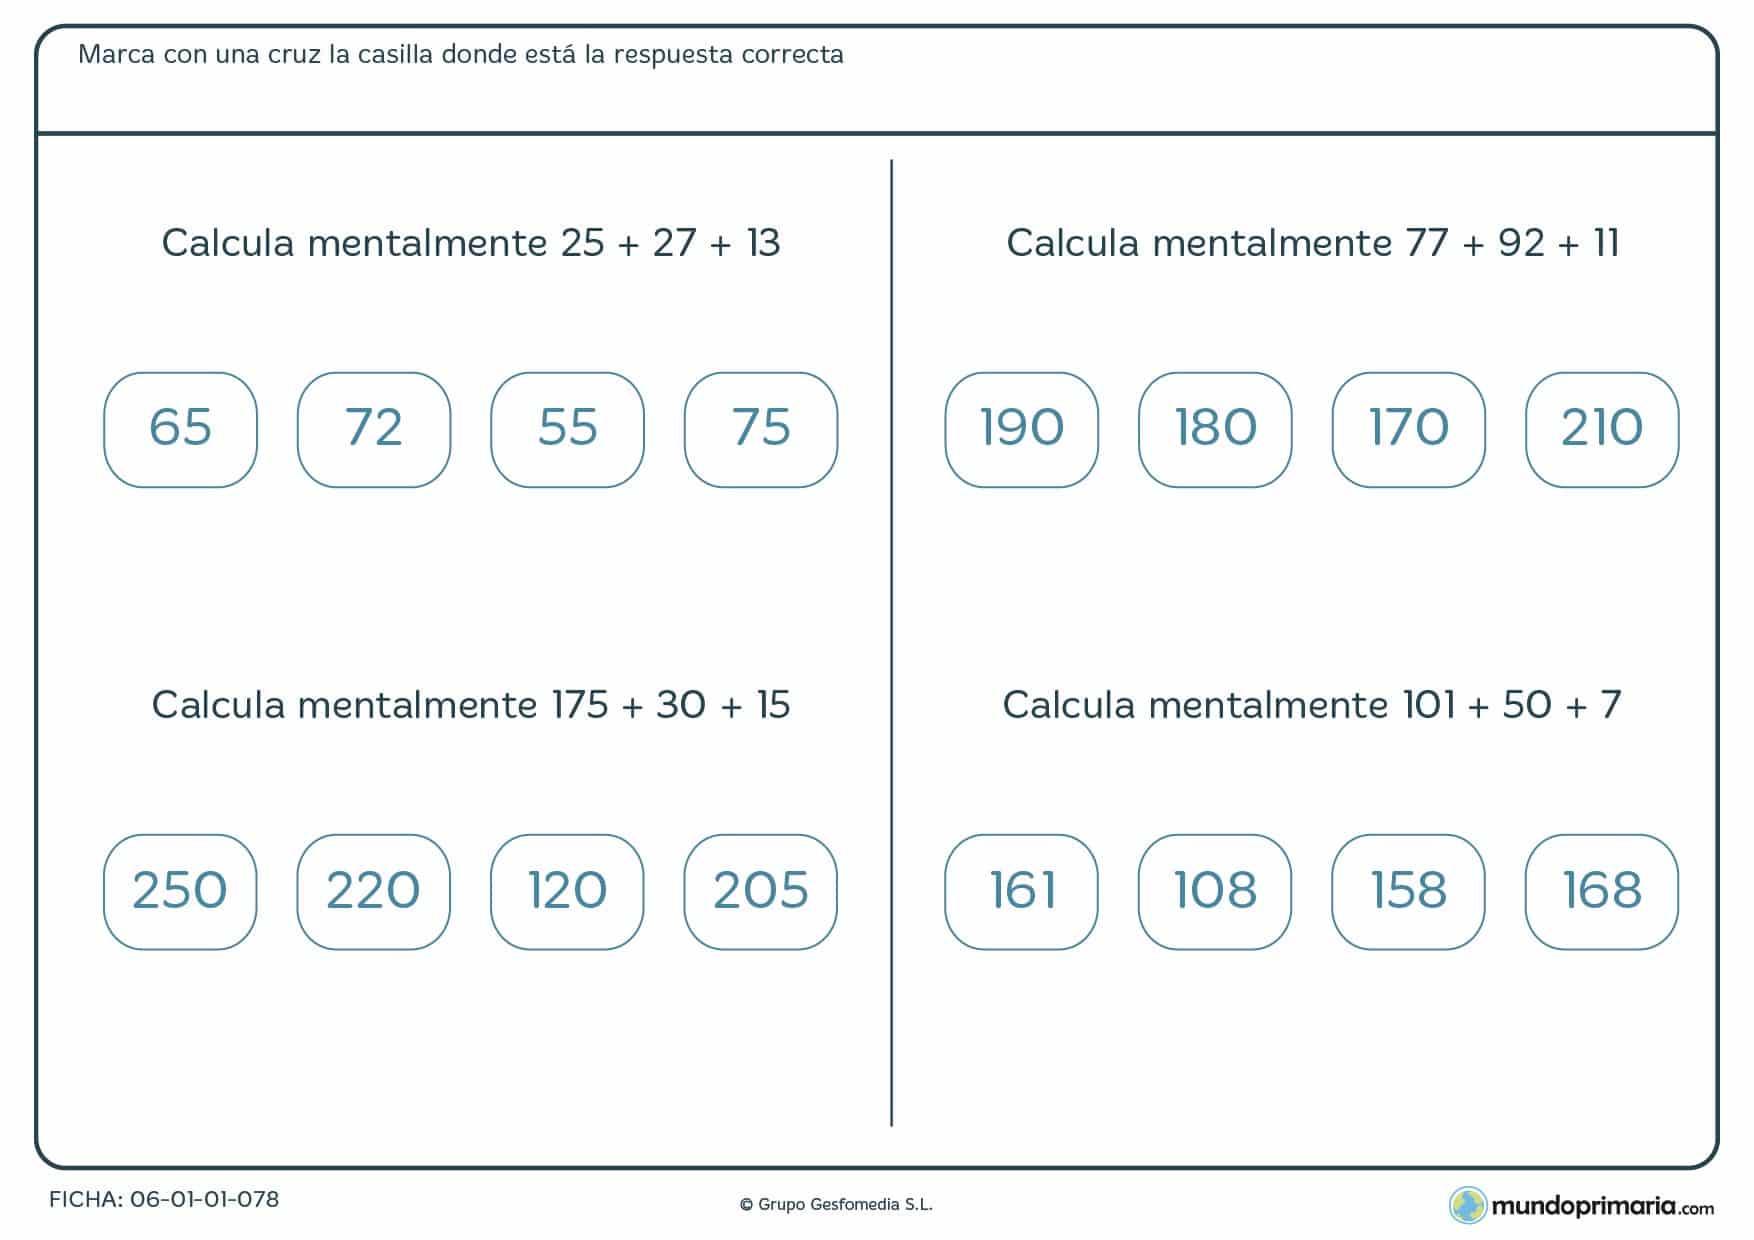 Ficha con cuatro sumas a resolver con cálculo mental, consistentes en hallar mentalmente la solución a las sumas, recomendada para 4º de Primaria